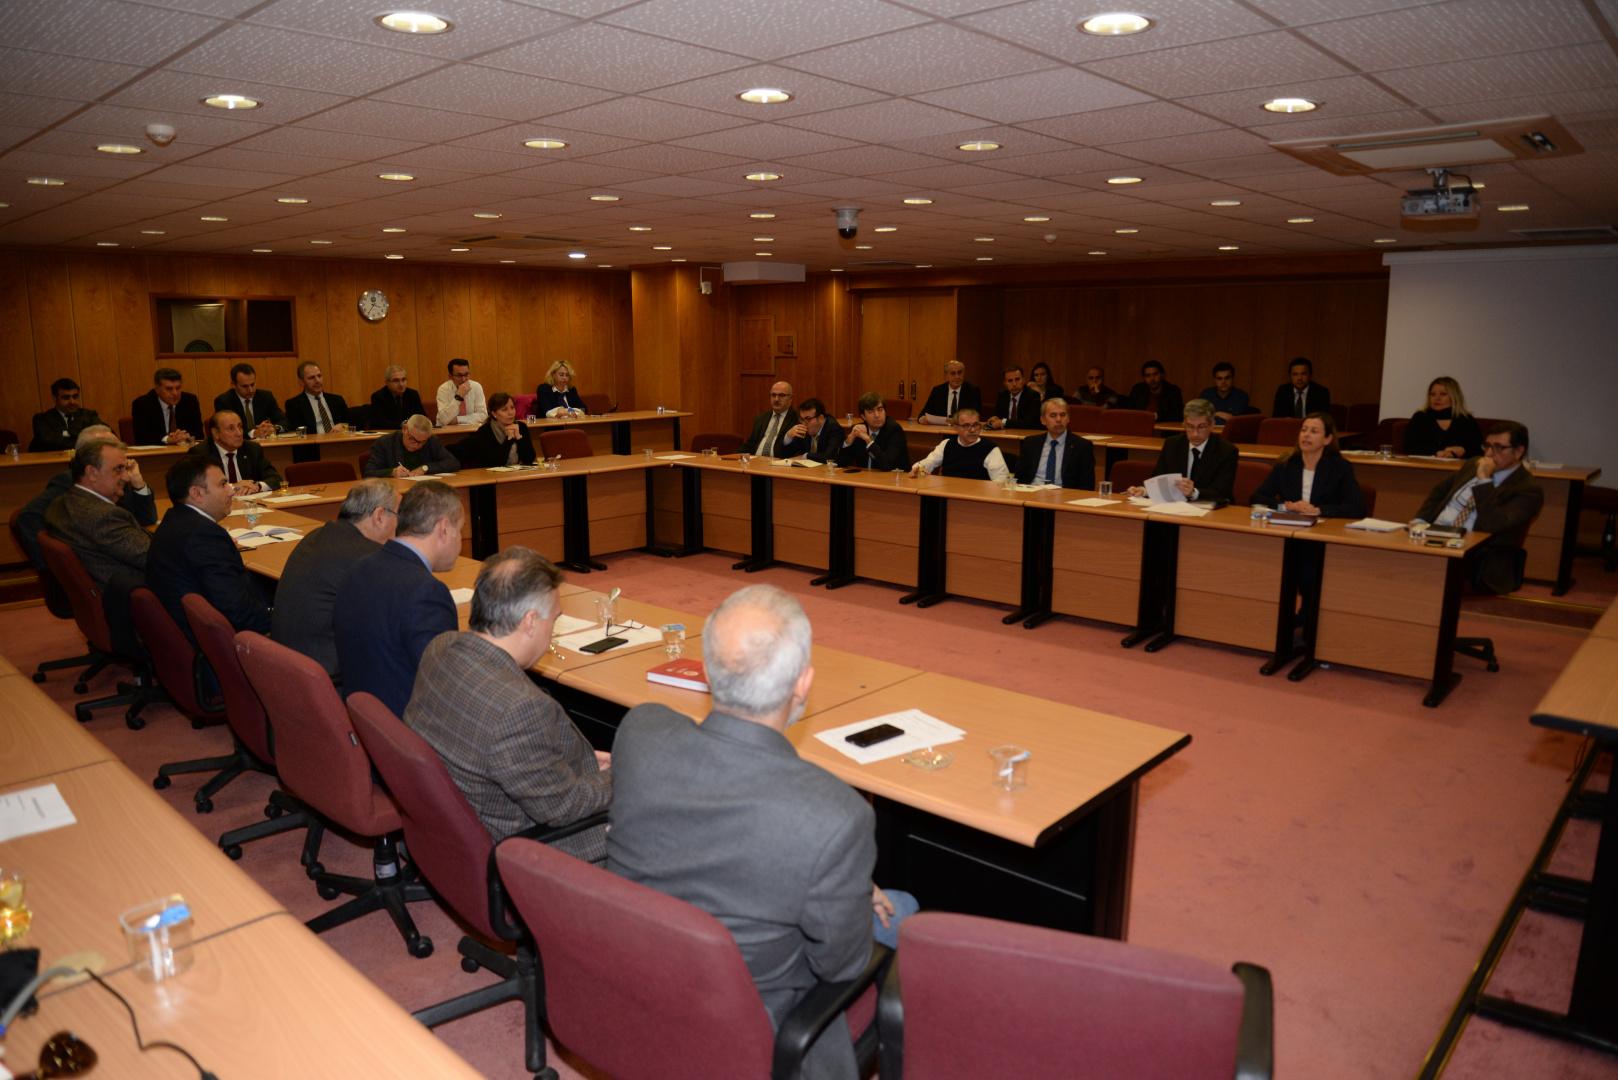 ÜSİGEM-KÜSİ Çalışma Konseyi tarafından BUÜ'de düzenlenen Çalıştay